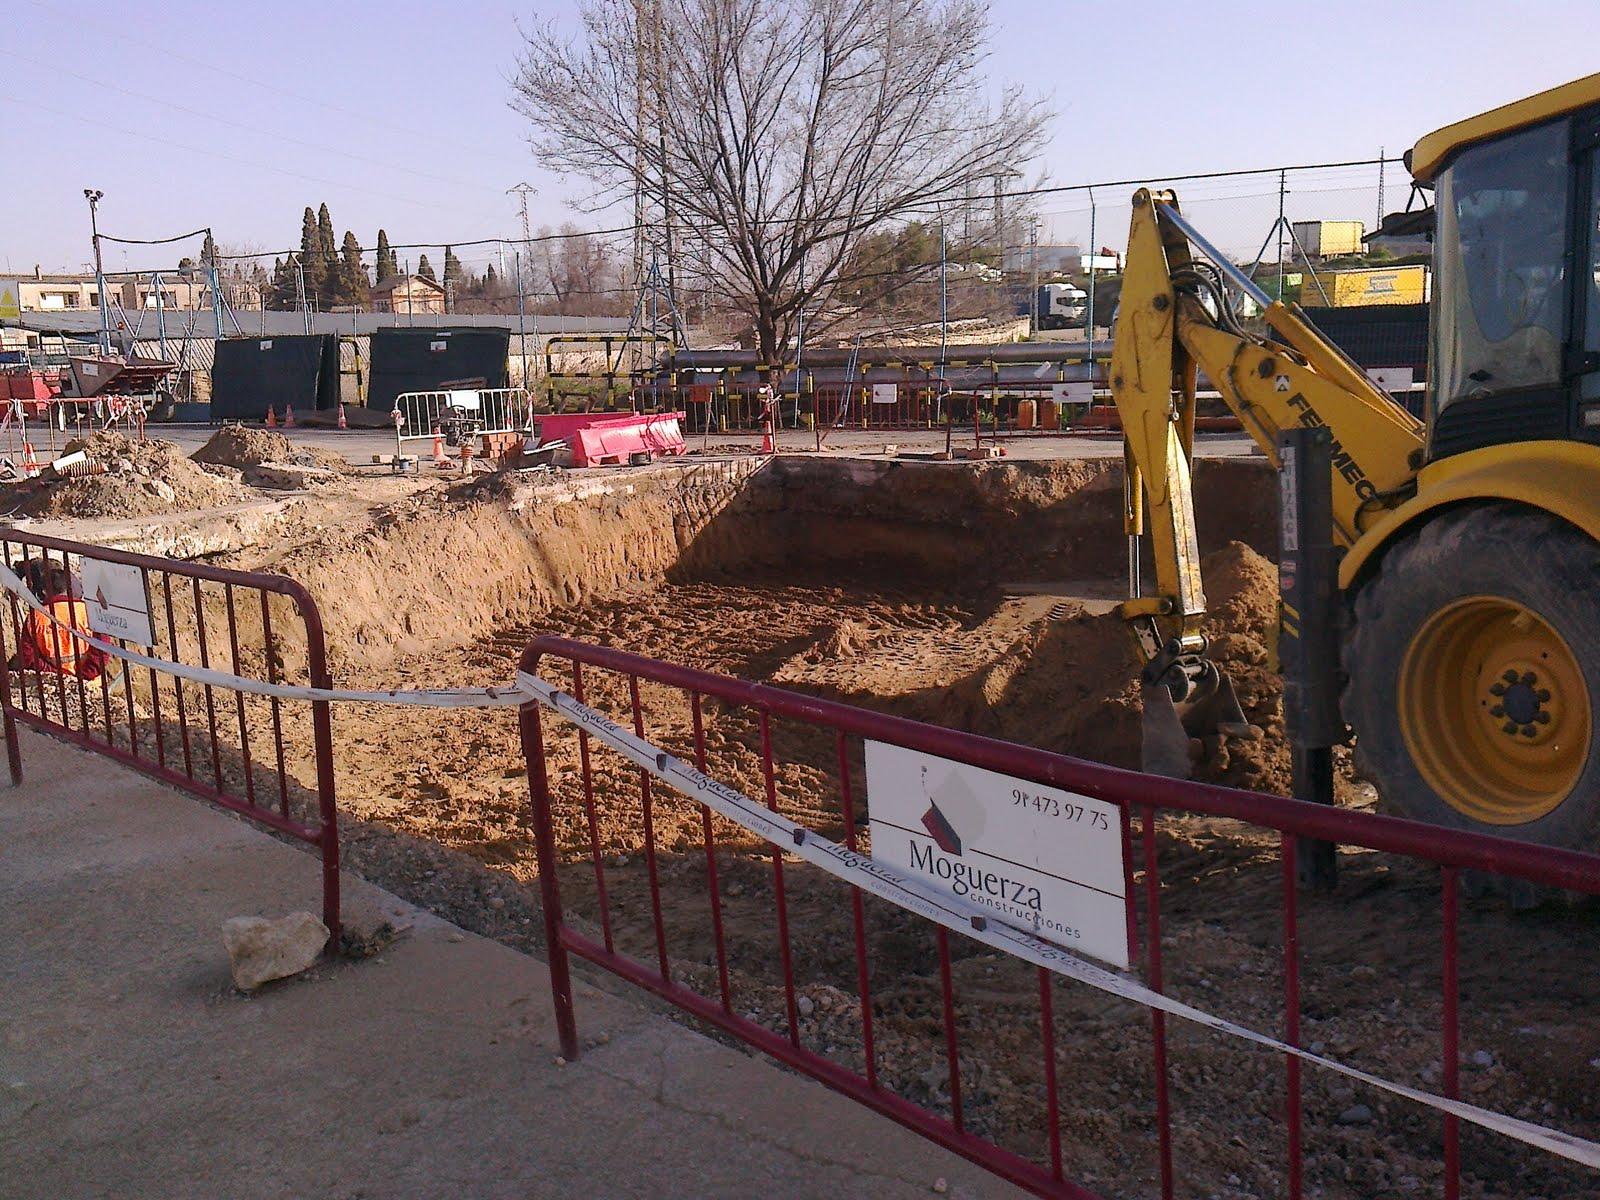 Nuevos tanques de almacenamiento unilever construcciones for Banco 0081 oficinas